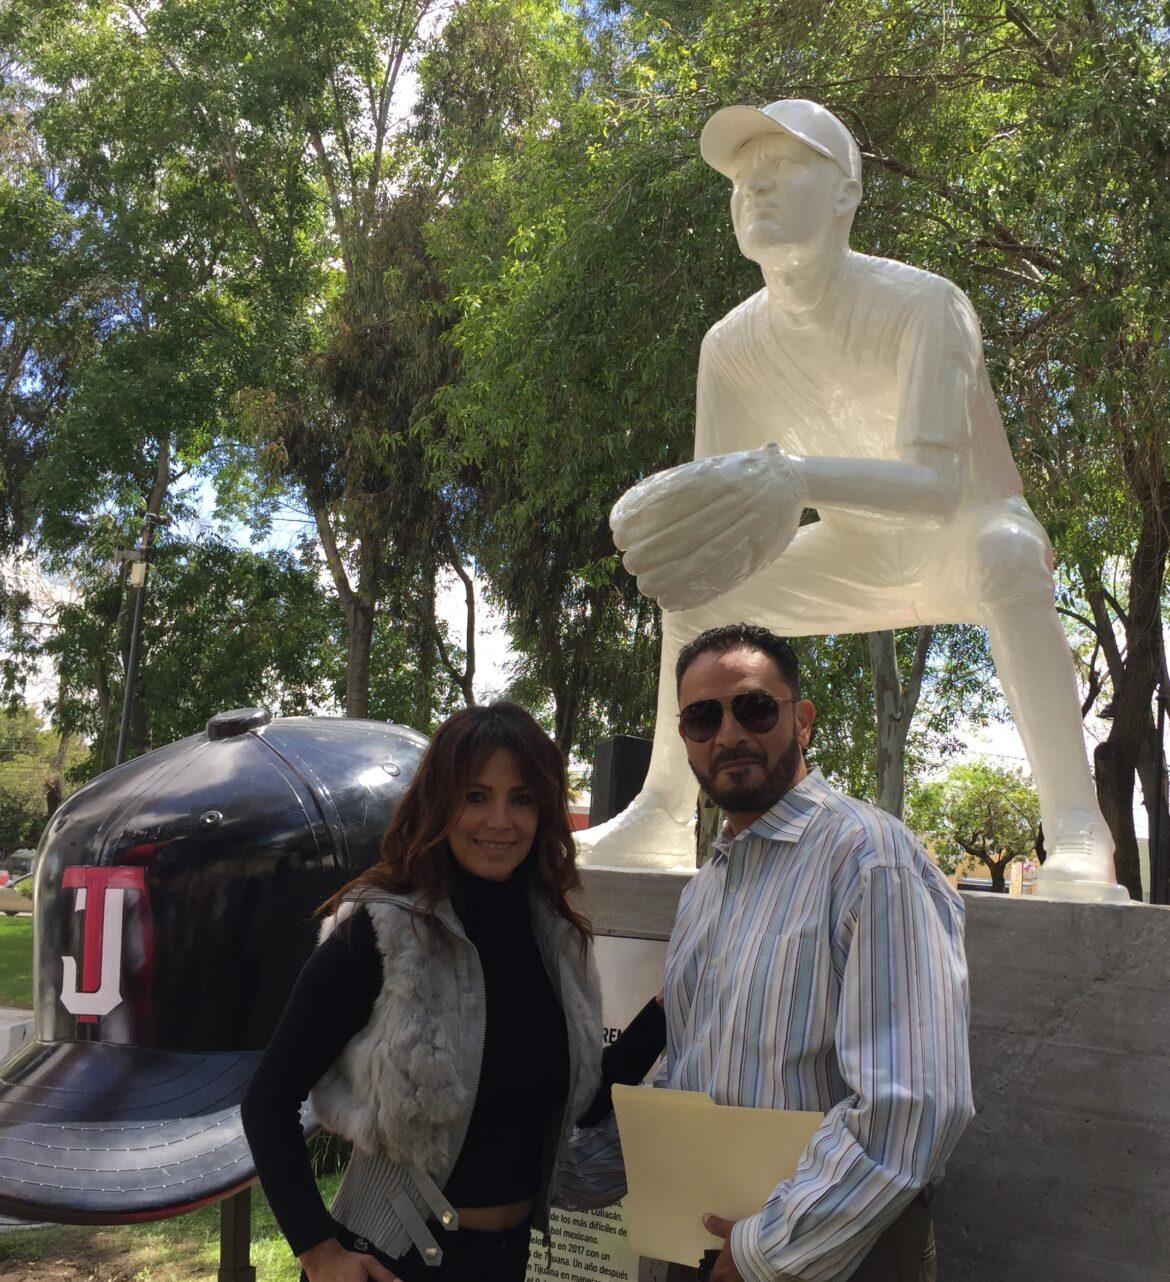 Representar a Tijuana con Toros el mayor orgullo de Oscar Robles